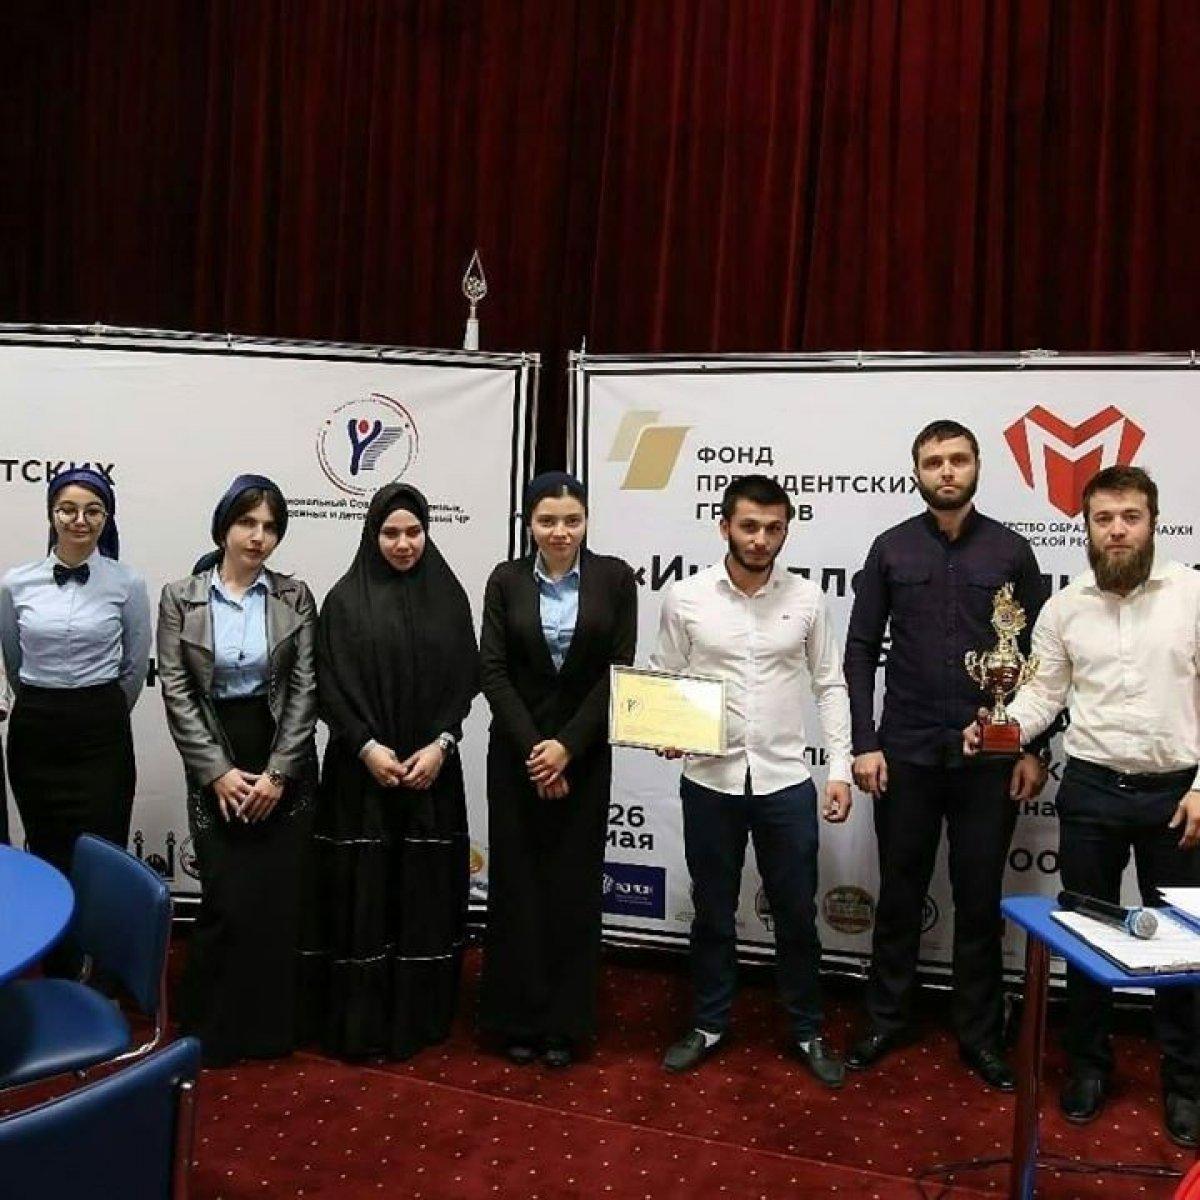 Команда студентов Чеченского государственного университета стала чемпионом Брейн-ринга!